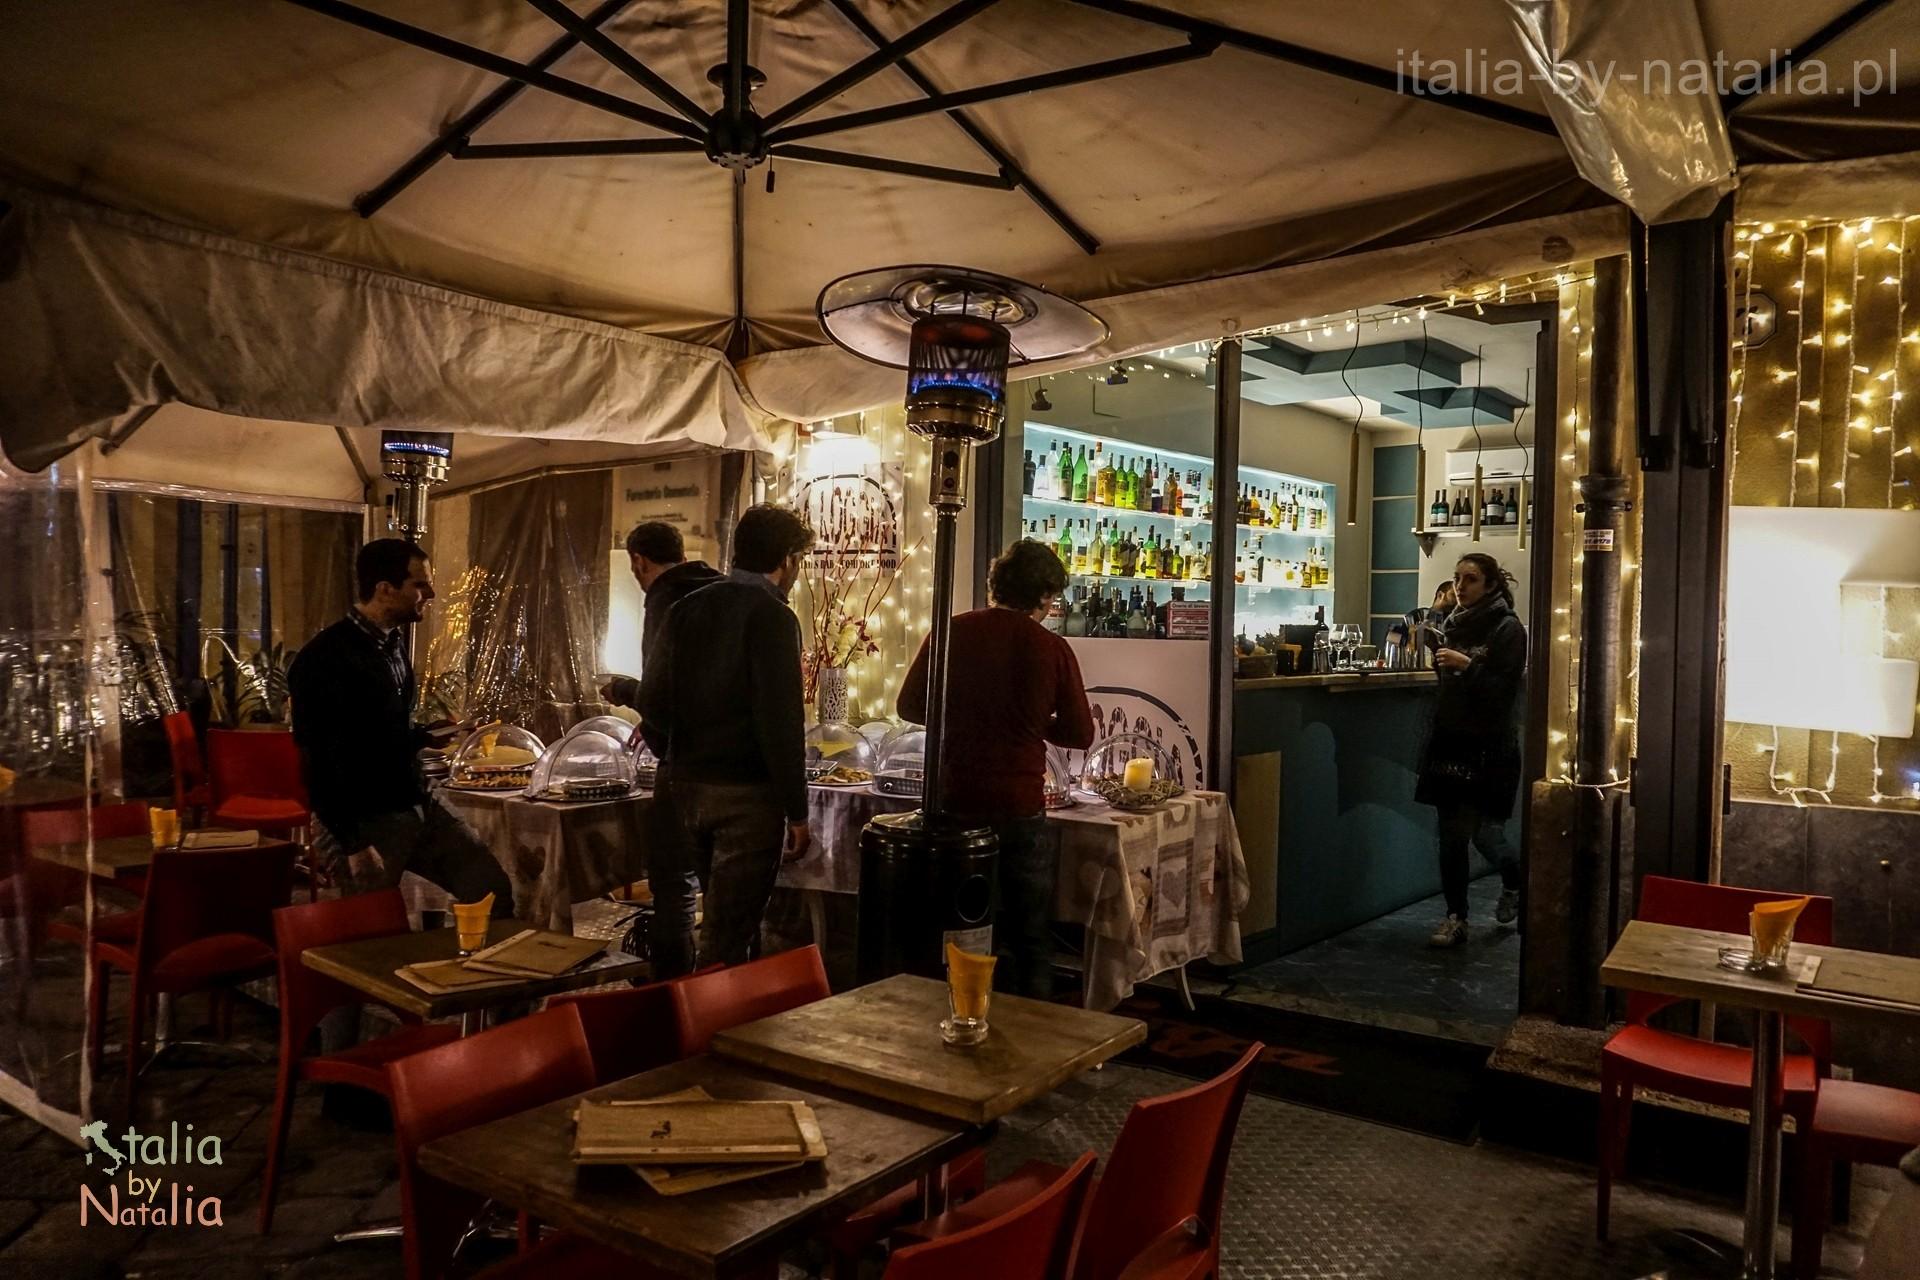 Palermo Sycylia grudzien december christmas święta Vucciria